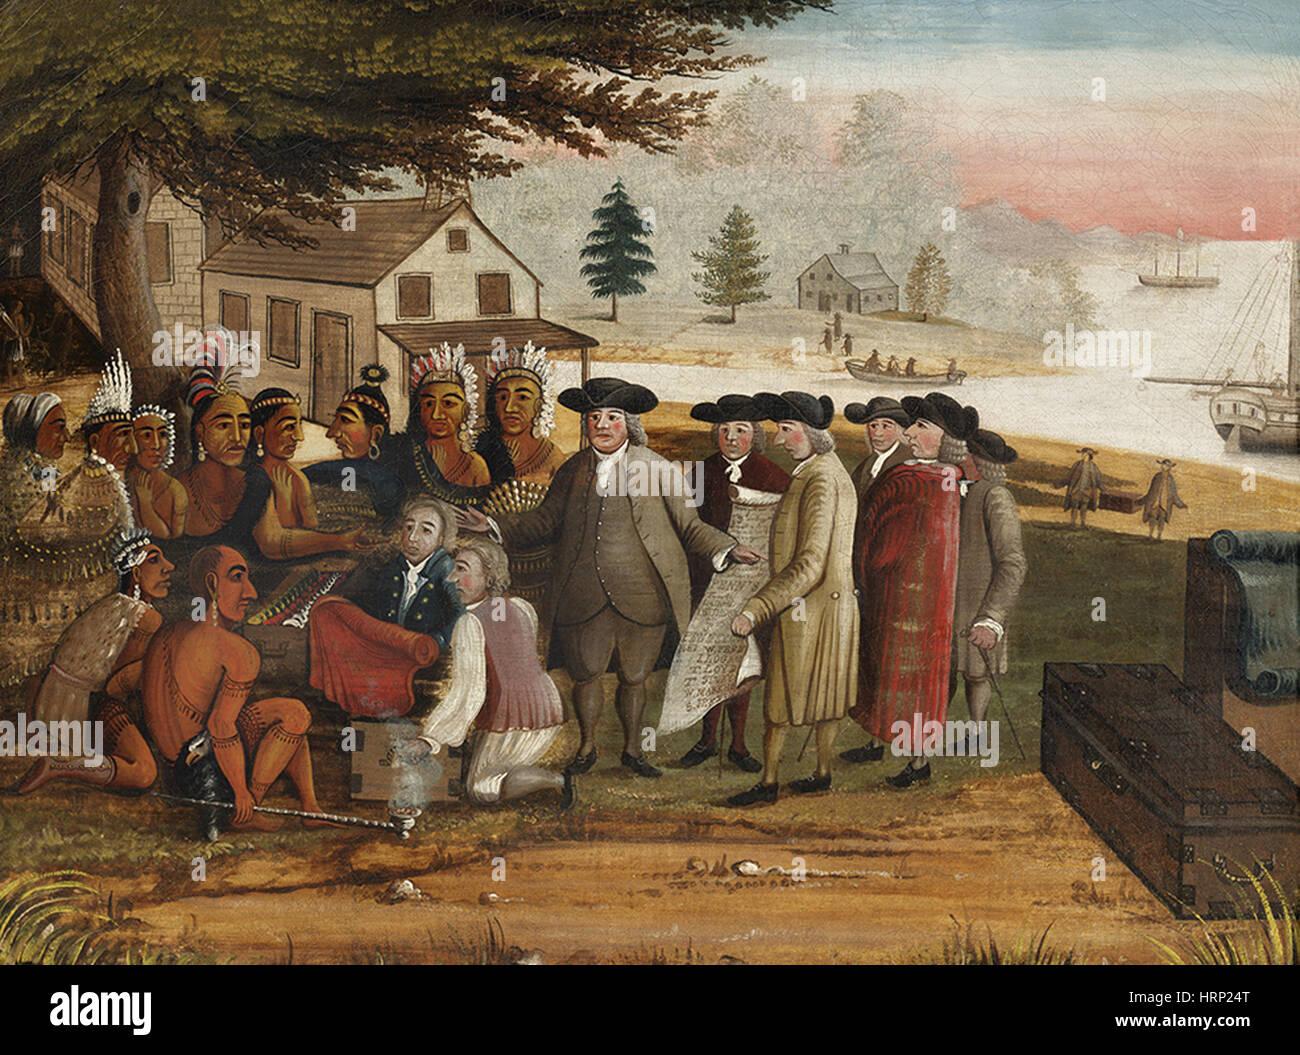 William Penn trattato con gli indiani, 1683 Immagini Stock